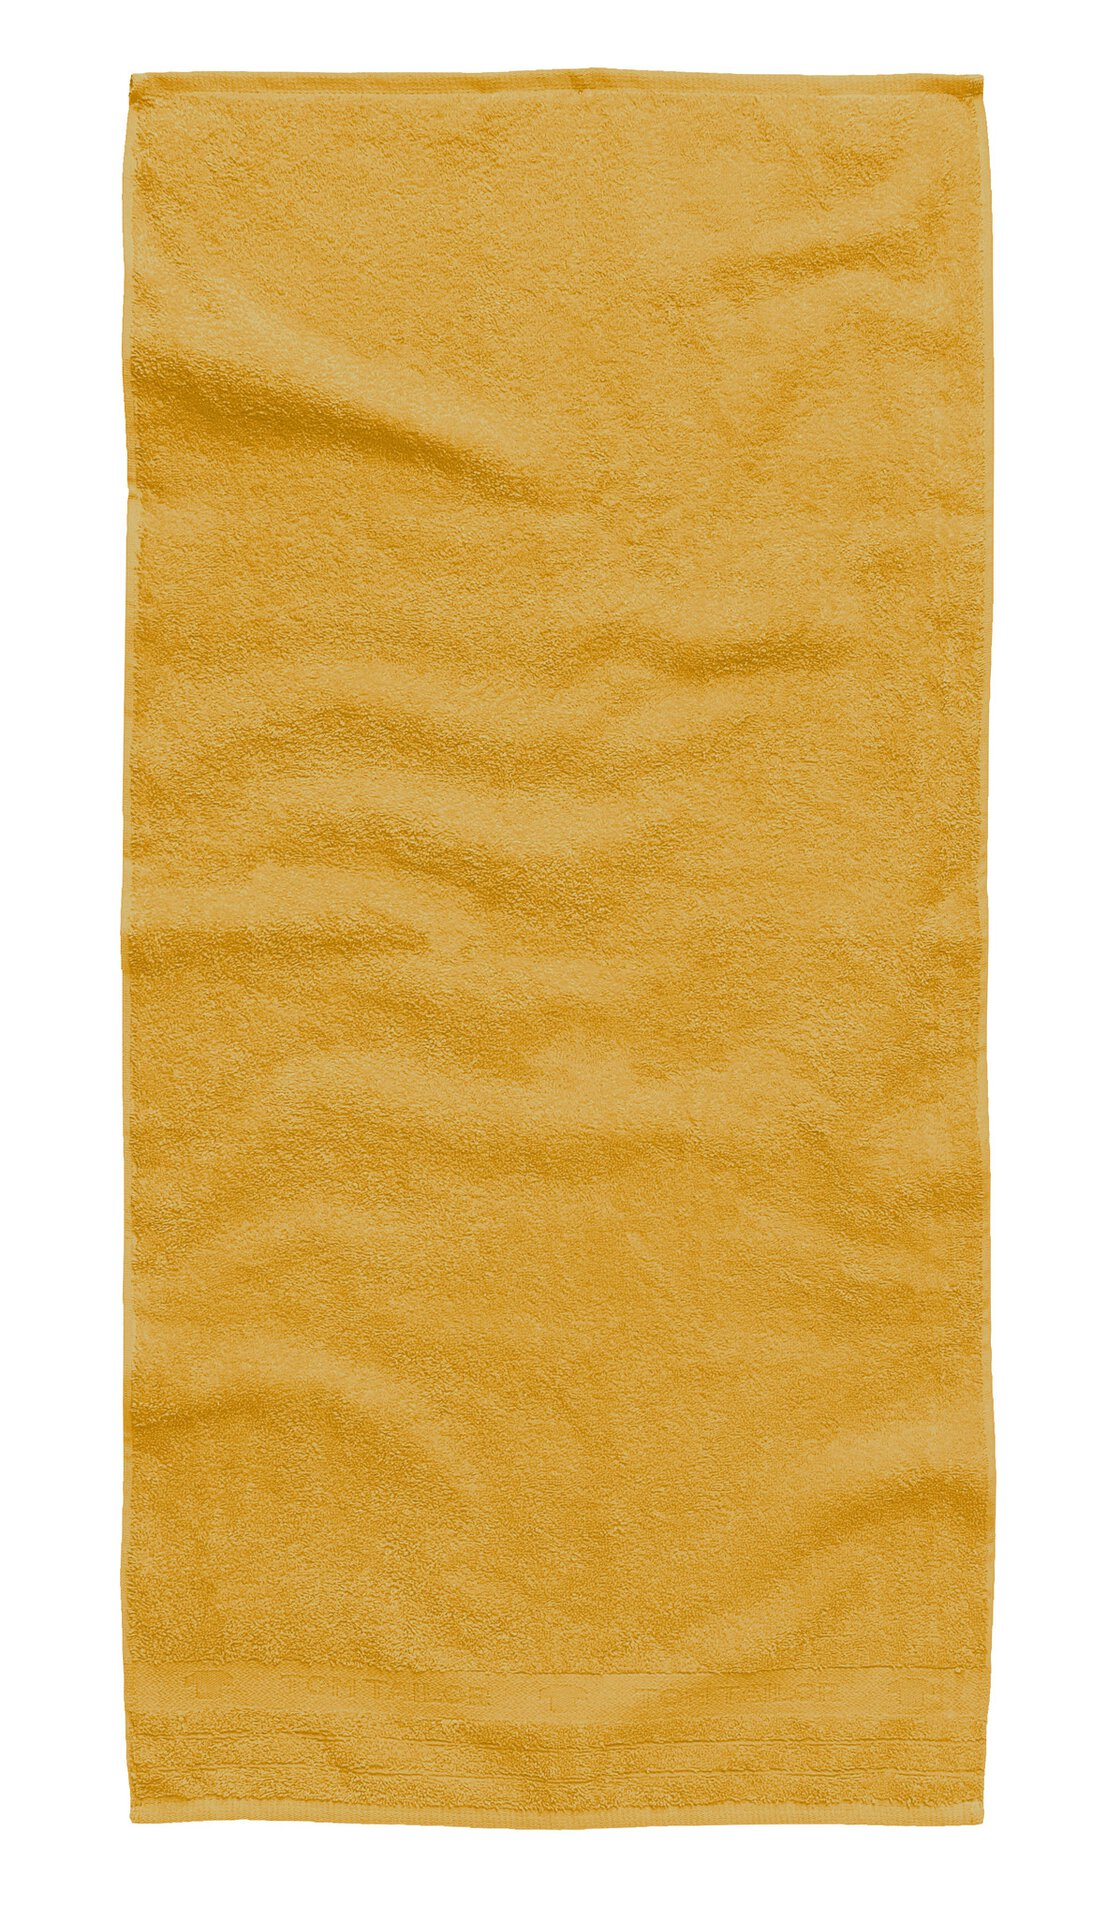 Handtuch Uni Towel Tom Tailor Textil gelb 50 x 100 cm